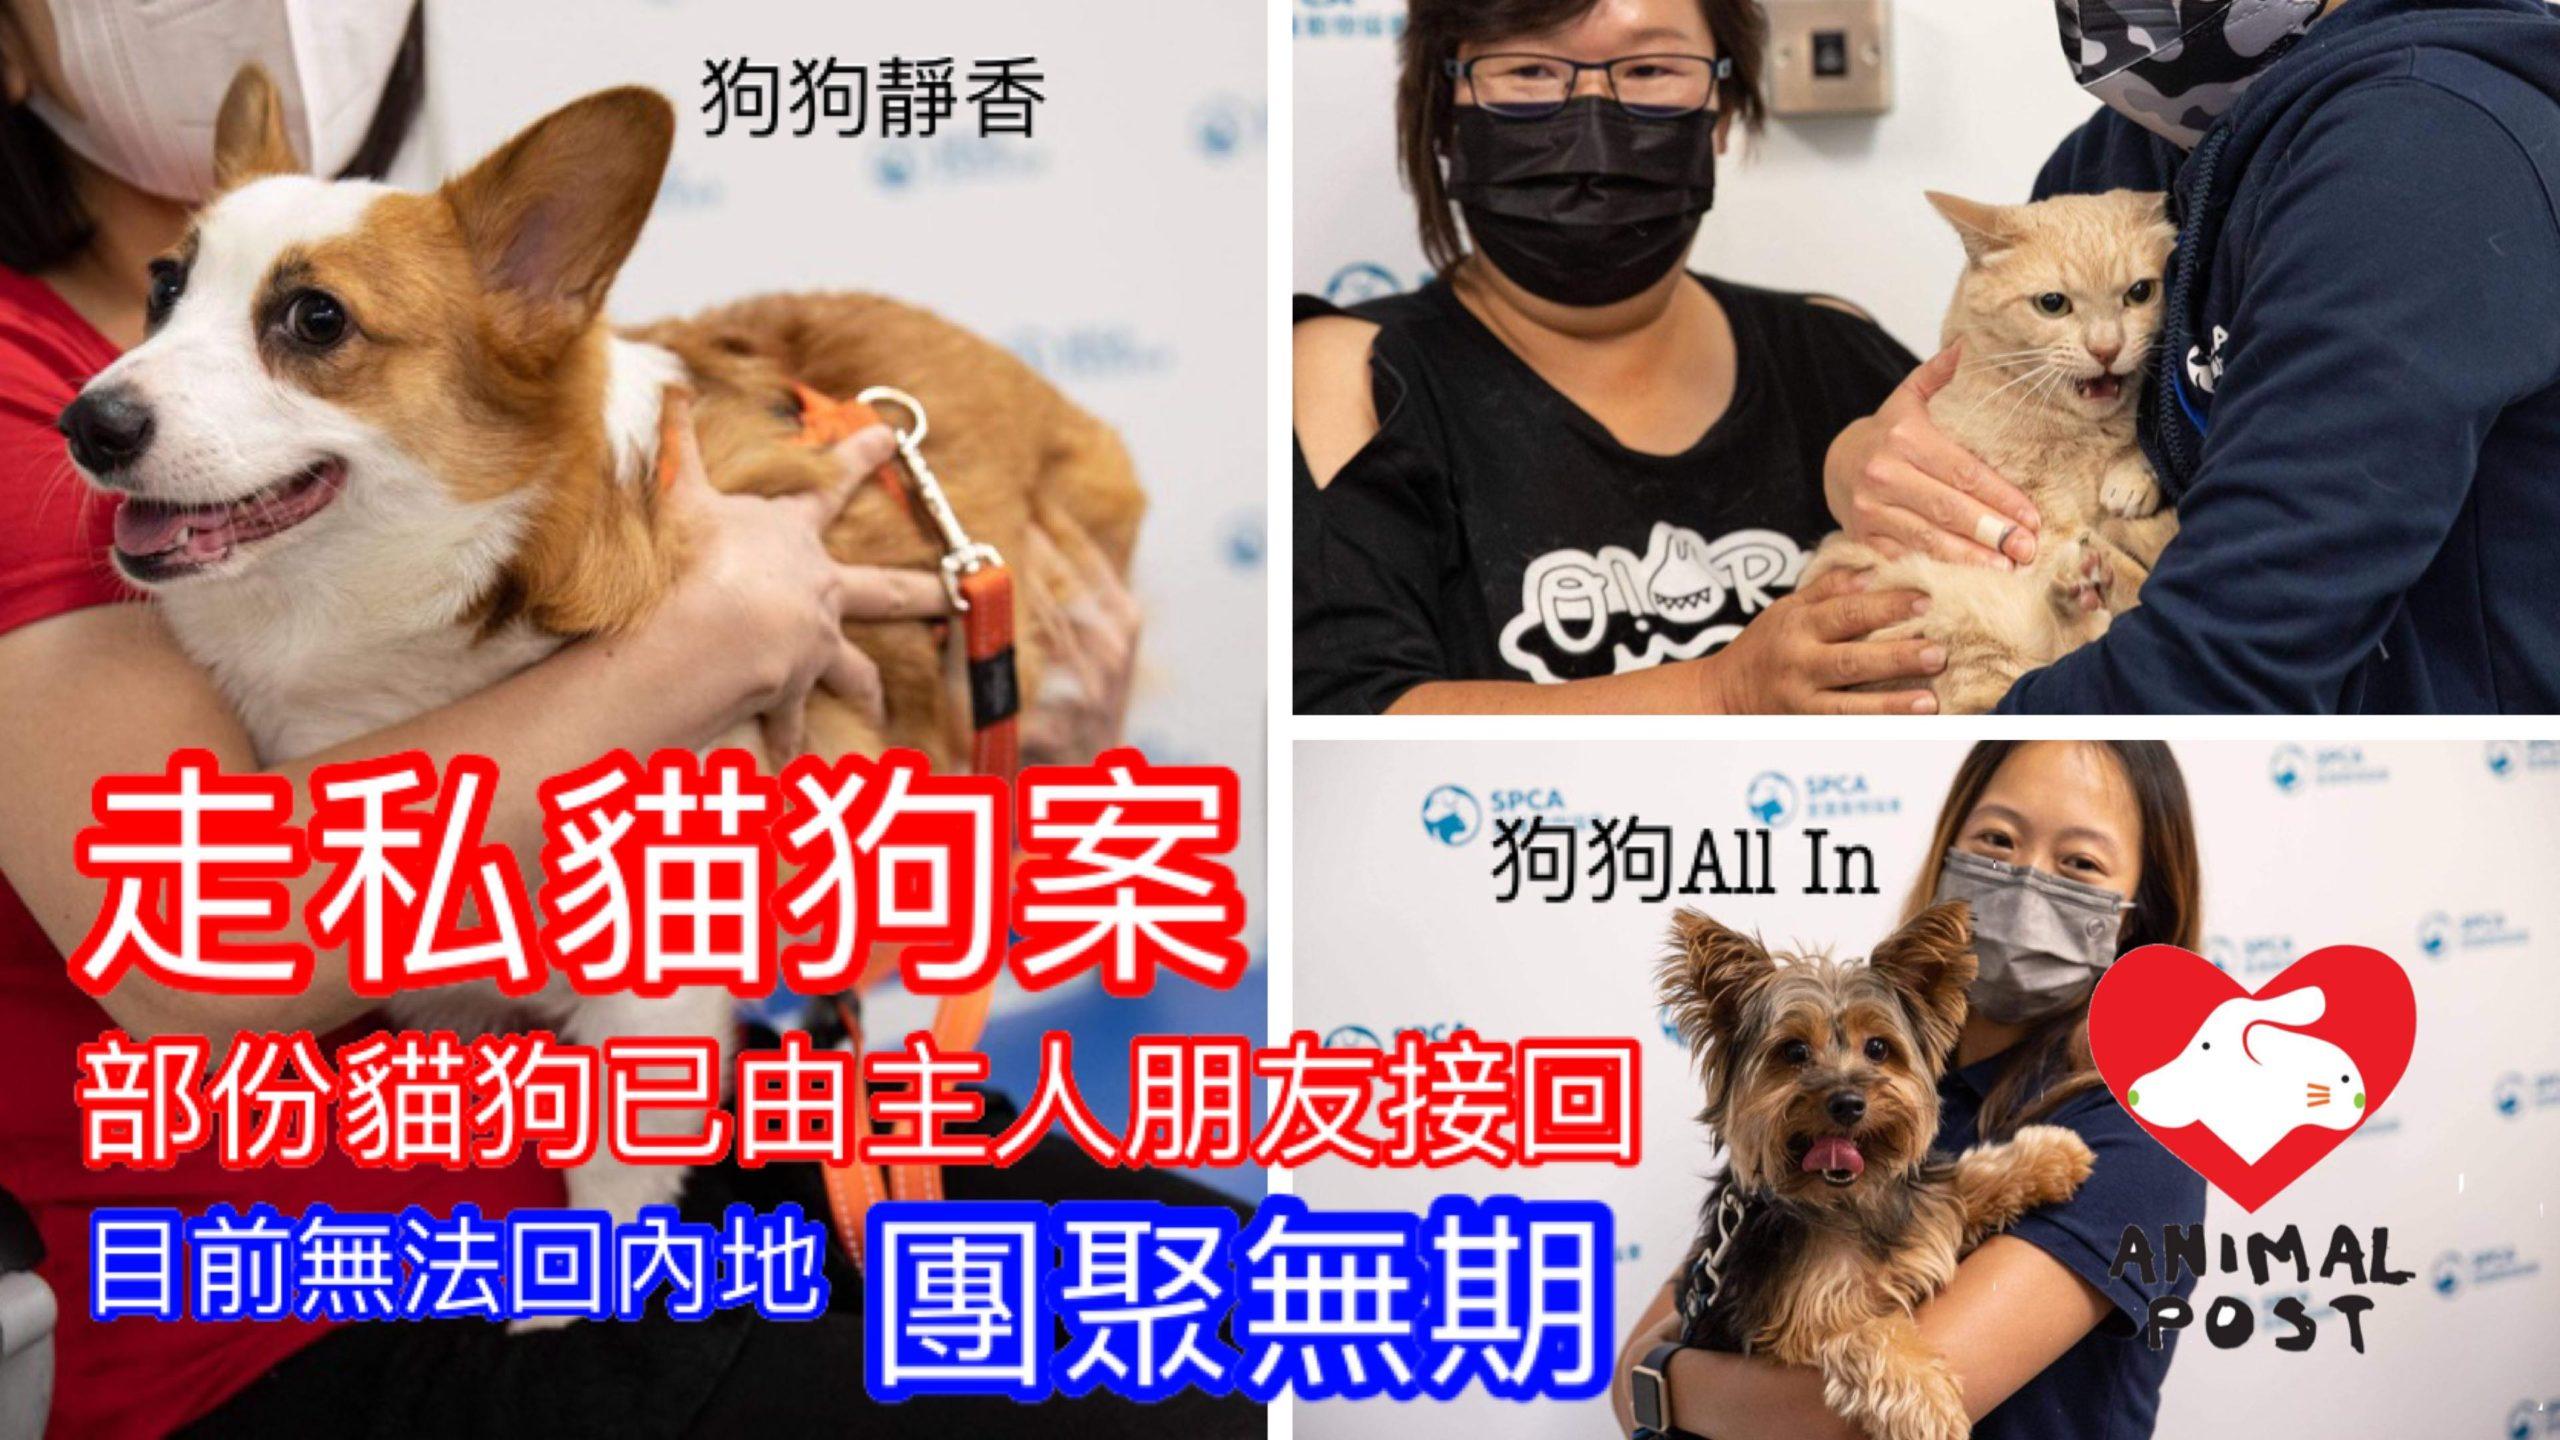 【動物走私案】部分生還貓狗由主人朋友接回 狗主朋友:狗狗在街四處尋主人身影 | 香港動物報 Hong Kong Animal Post